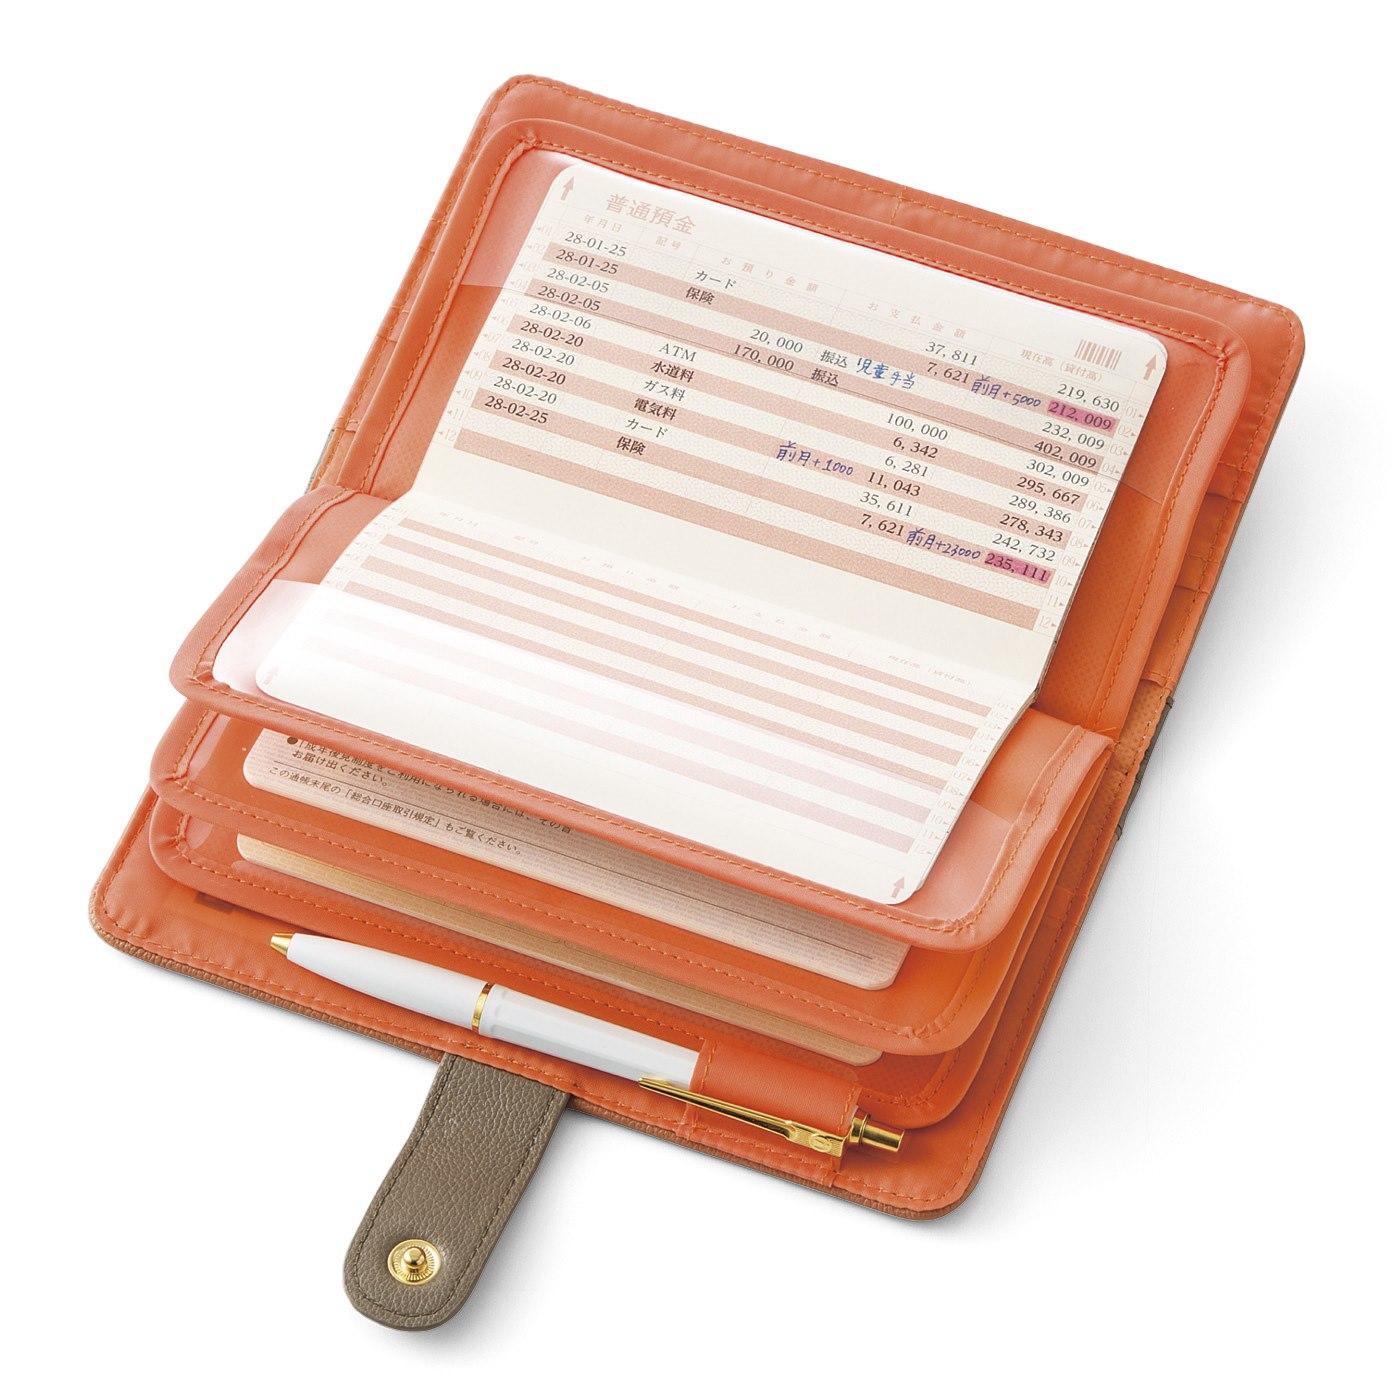 ※通帳への書き込みは、記入の場所により機械で読み取れなくなる場合があります。ご注意ください。